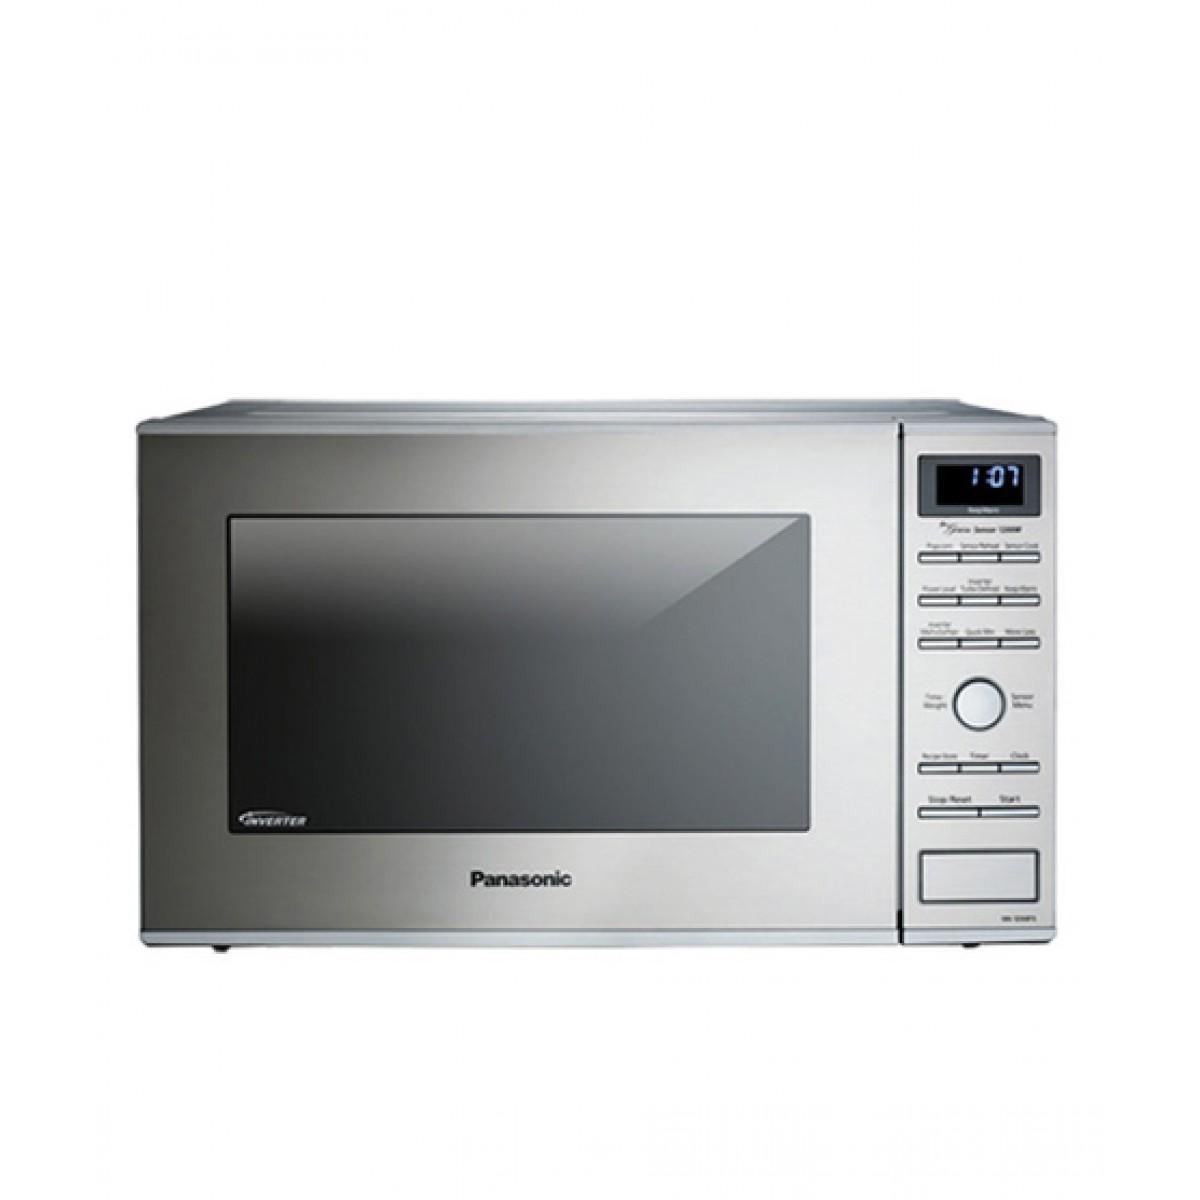 Panasonic Inverter Microwave Oven 34Ltr (NN-SD681S)